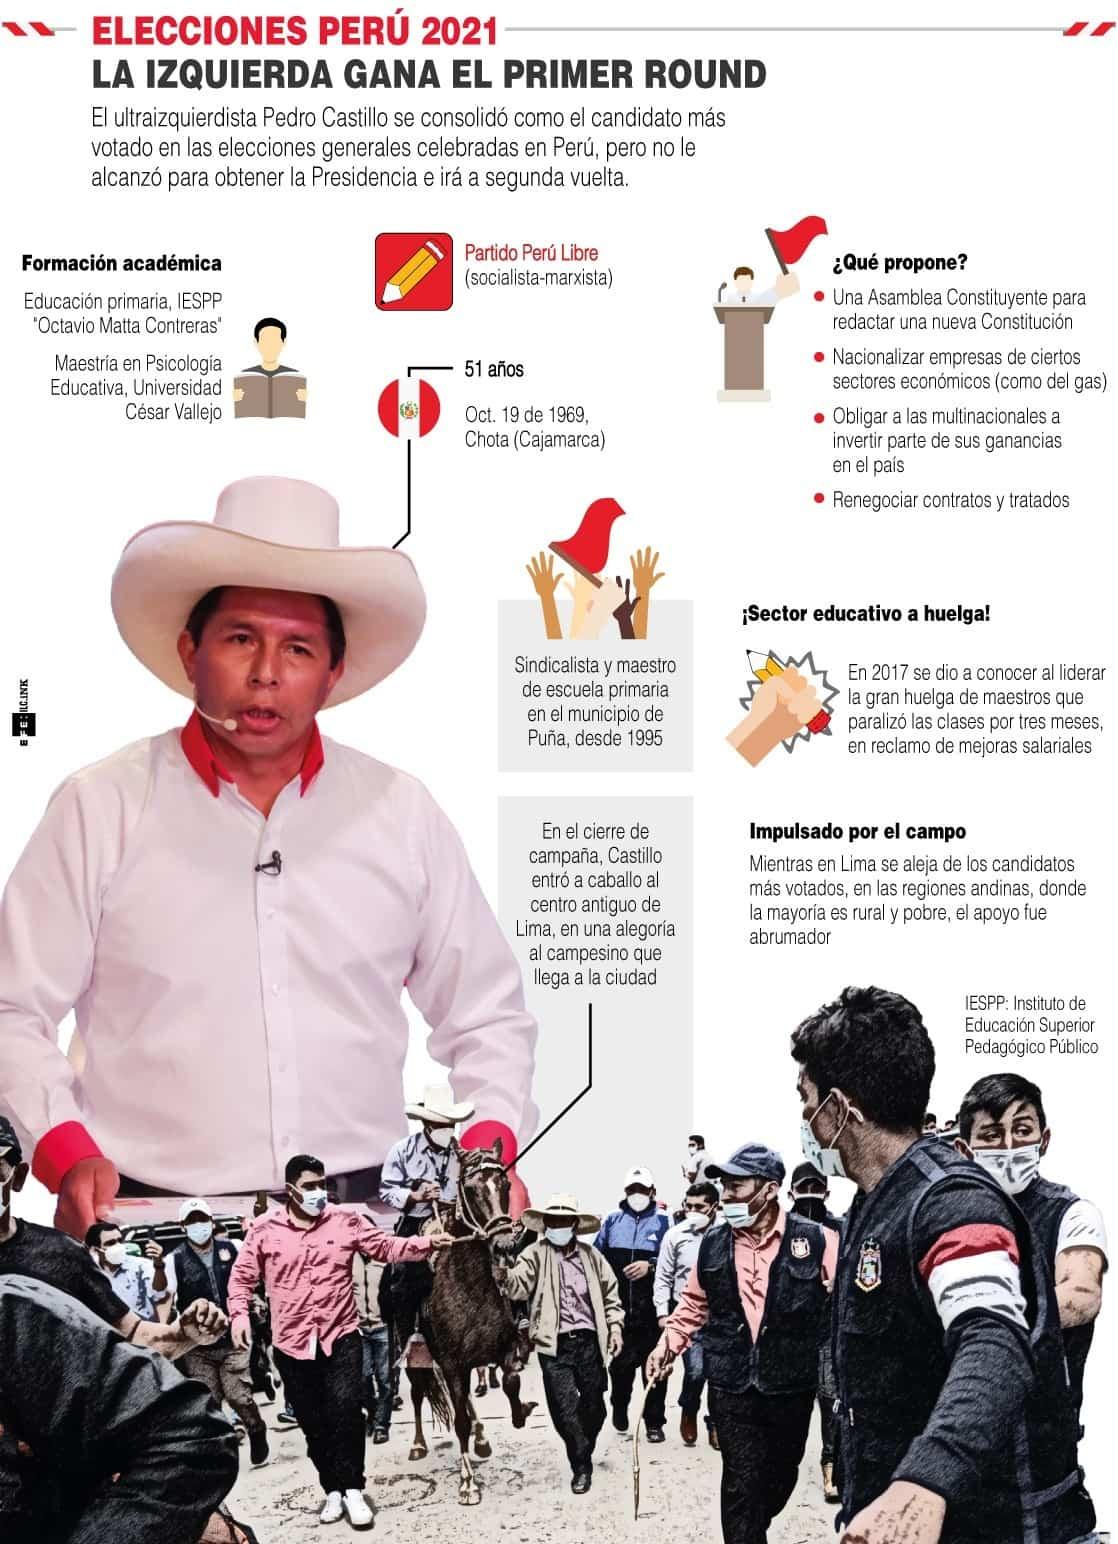 [Infografía] - Elecciones Perú 2021: La izquierda ganó el primer round 1